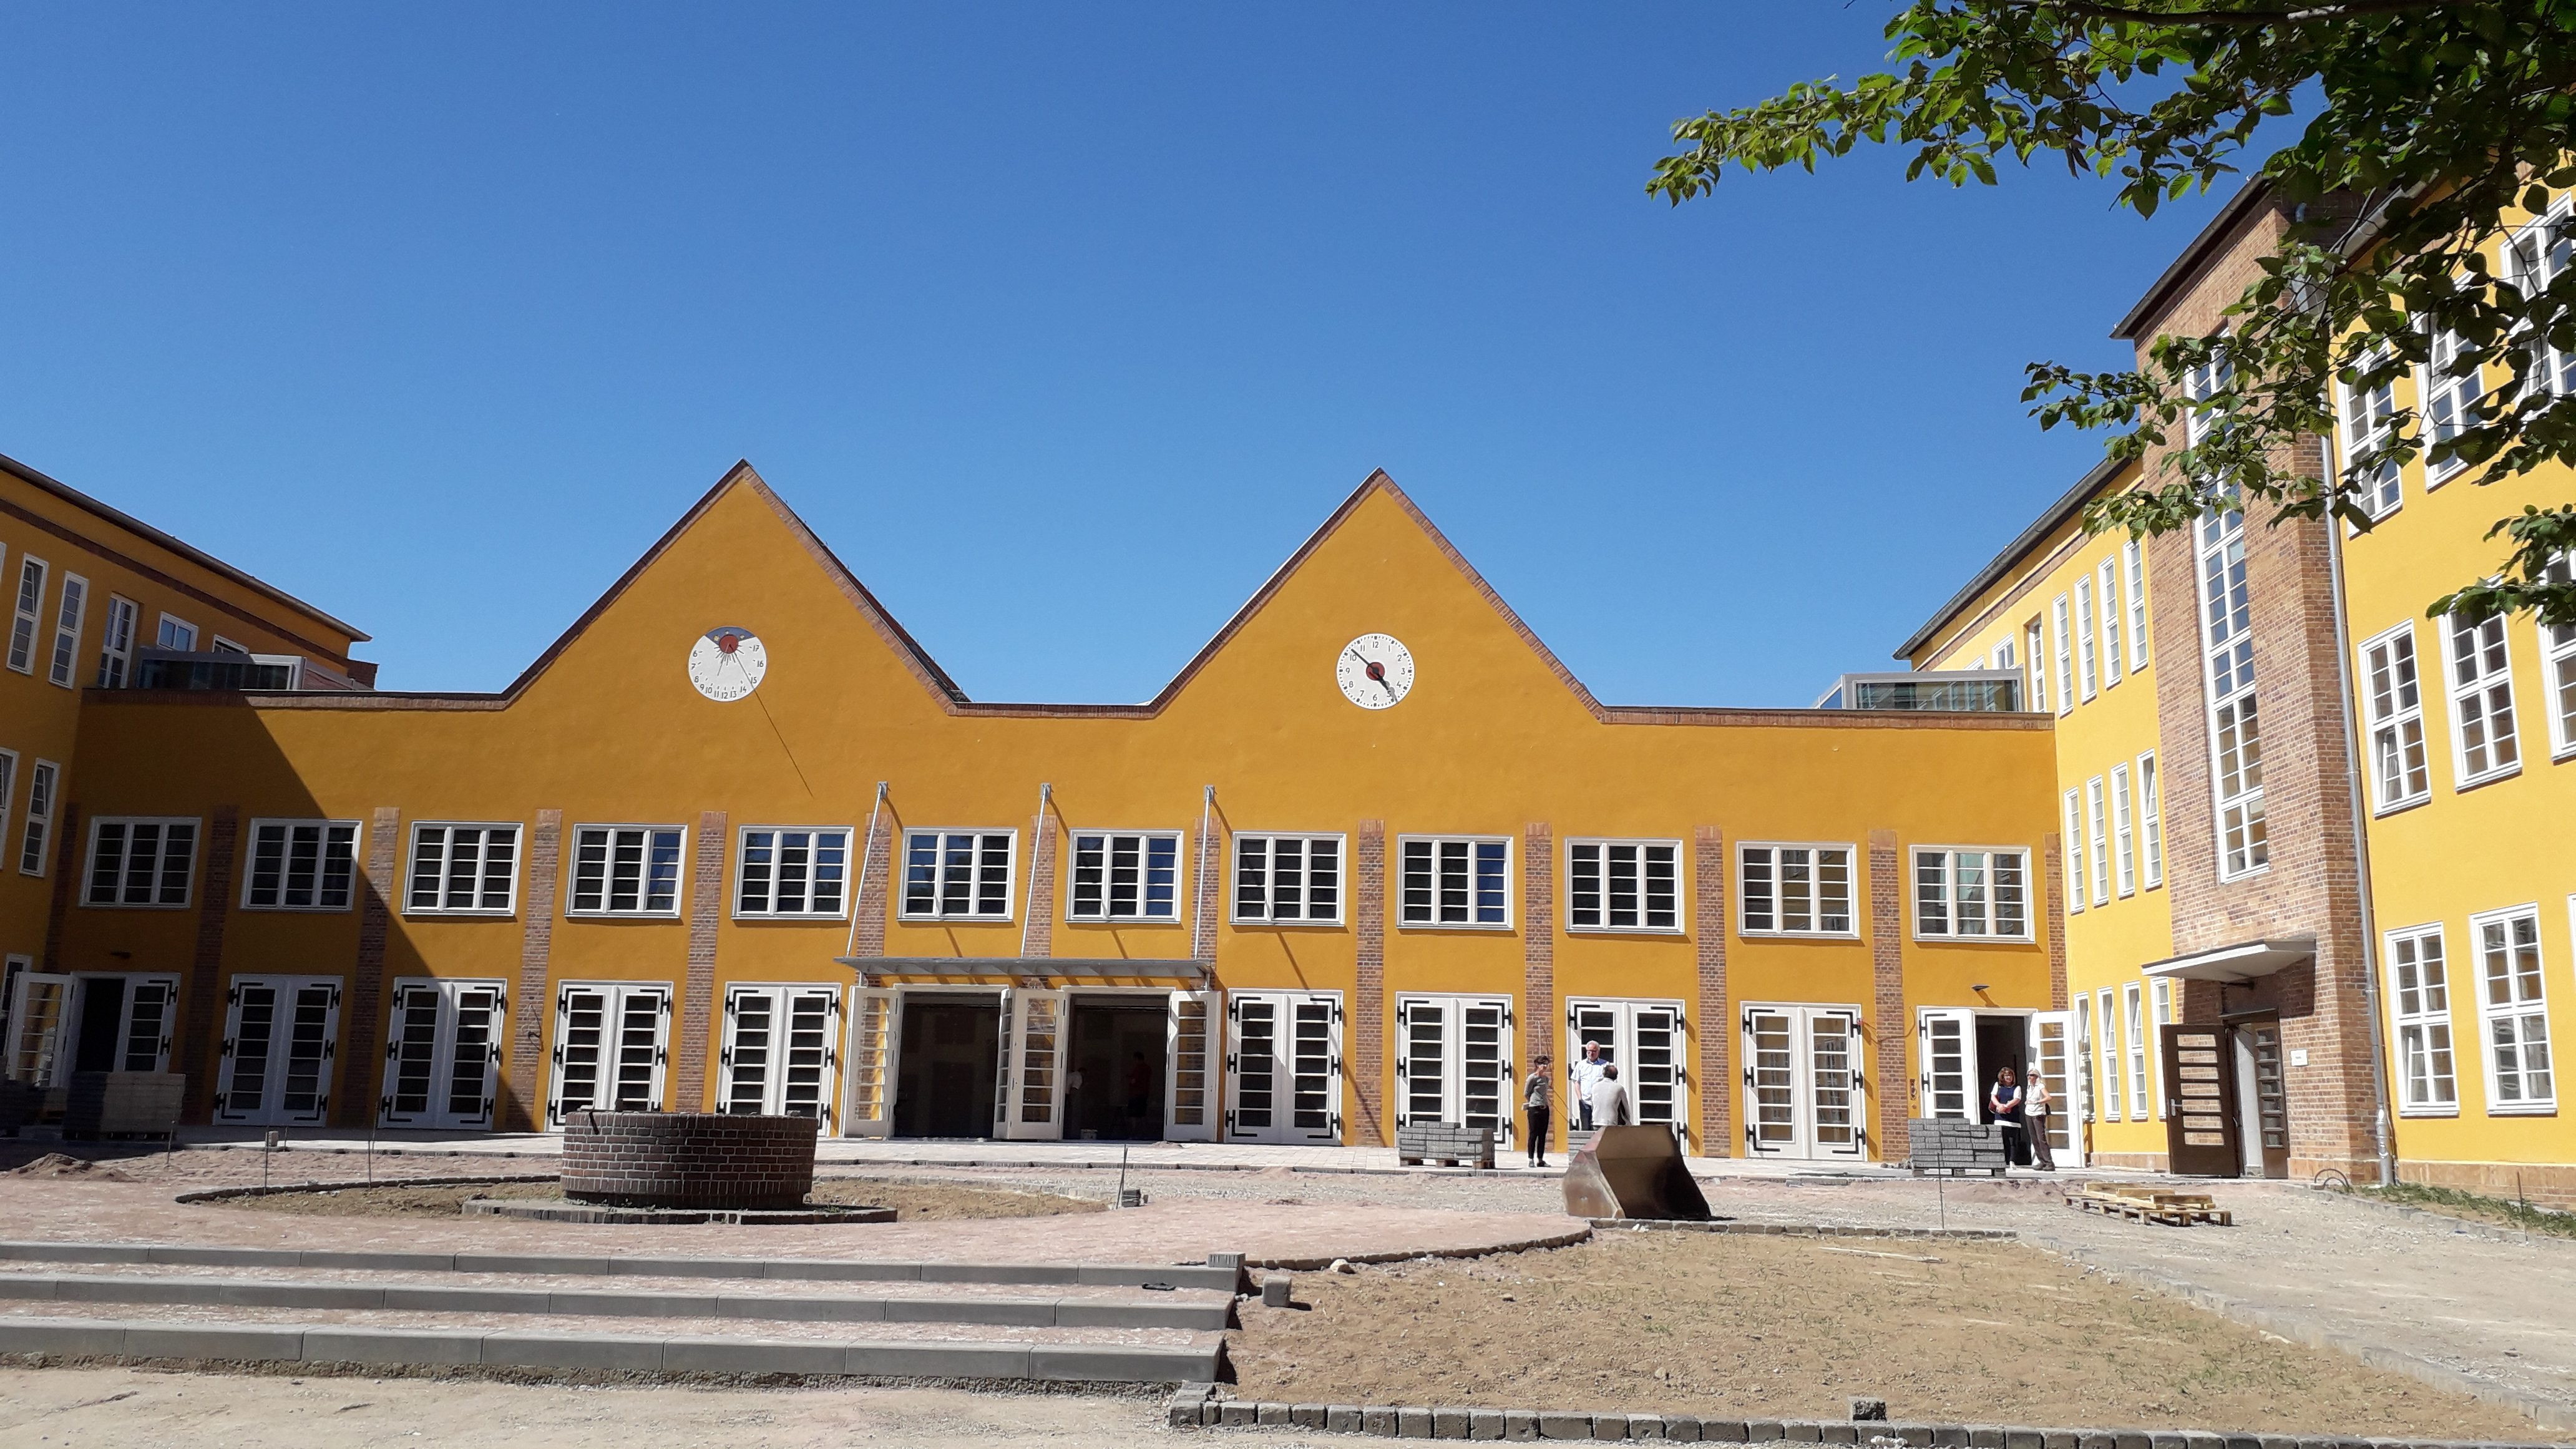 Der Empfangsbereich vor den Schultüren ist in seiner Form schon zu erkennen. Bäumerahmen die Schule ein und geben Schatten.